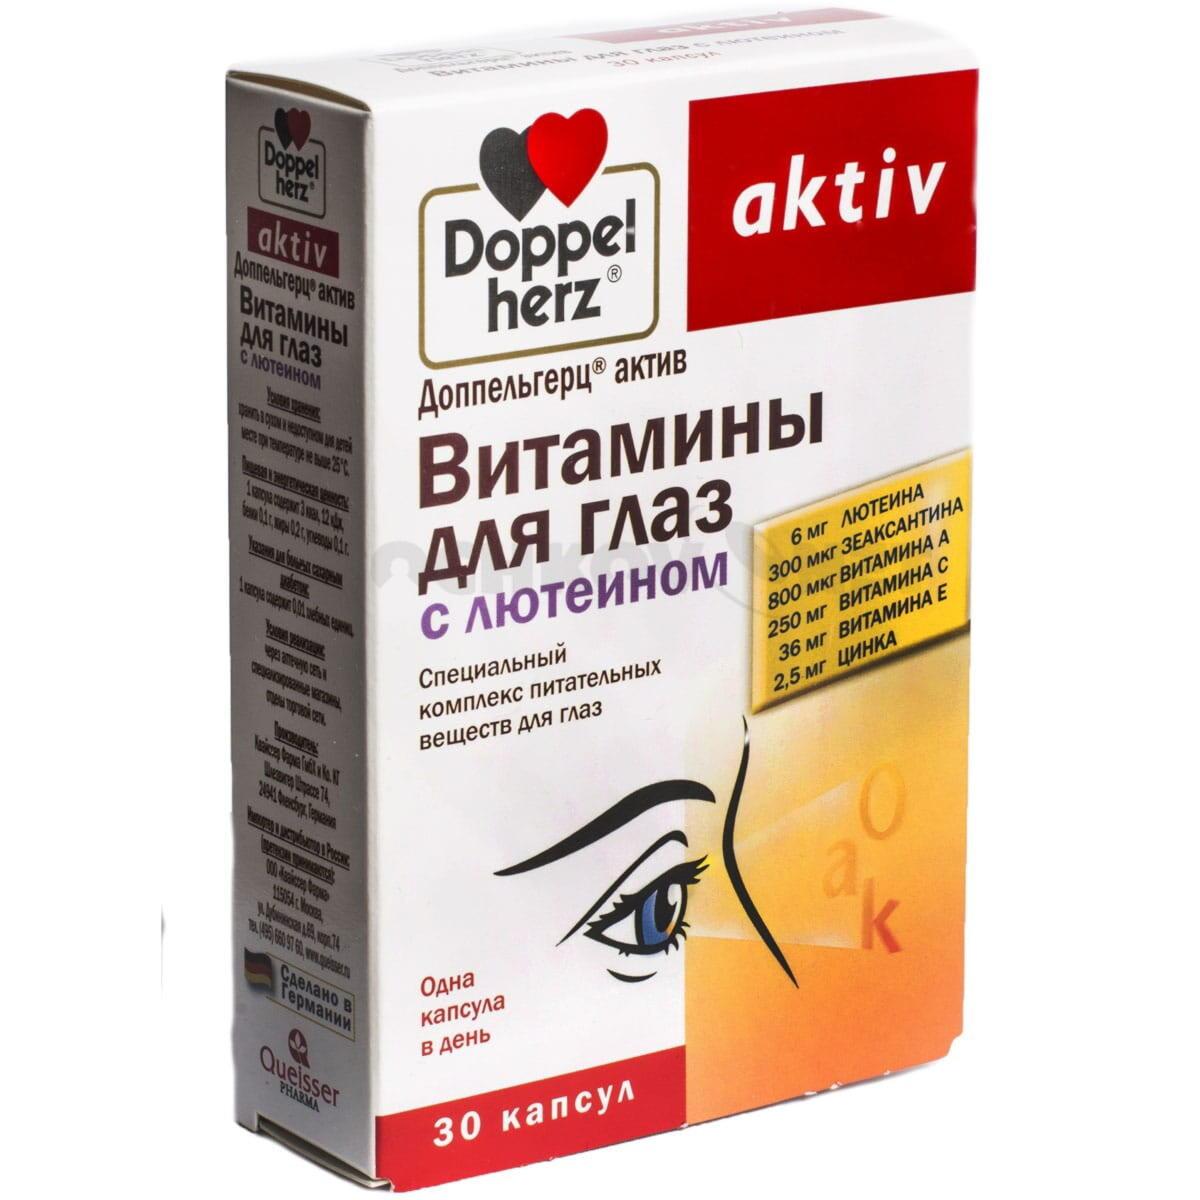 vitamini-dlya-uluchsheniya-spermi